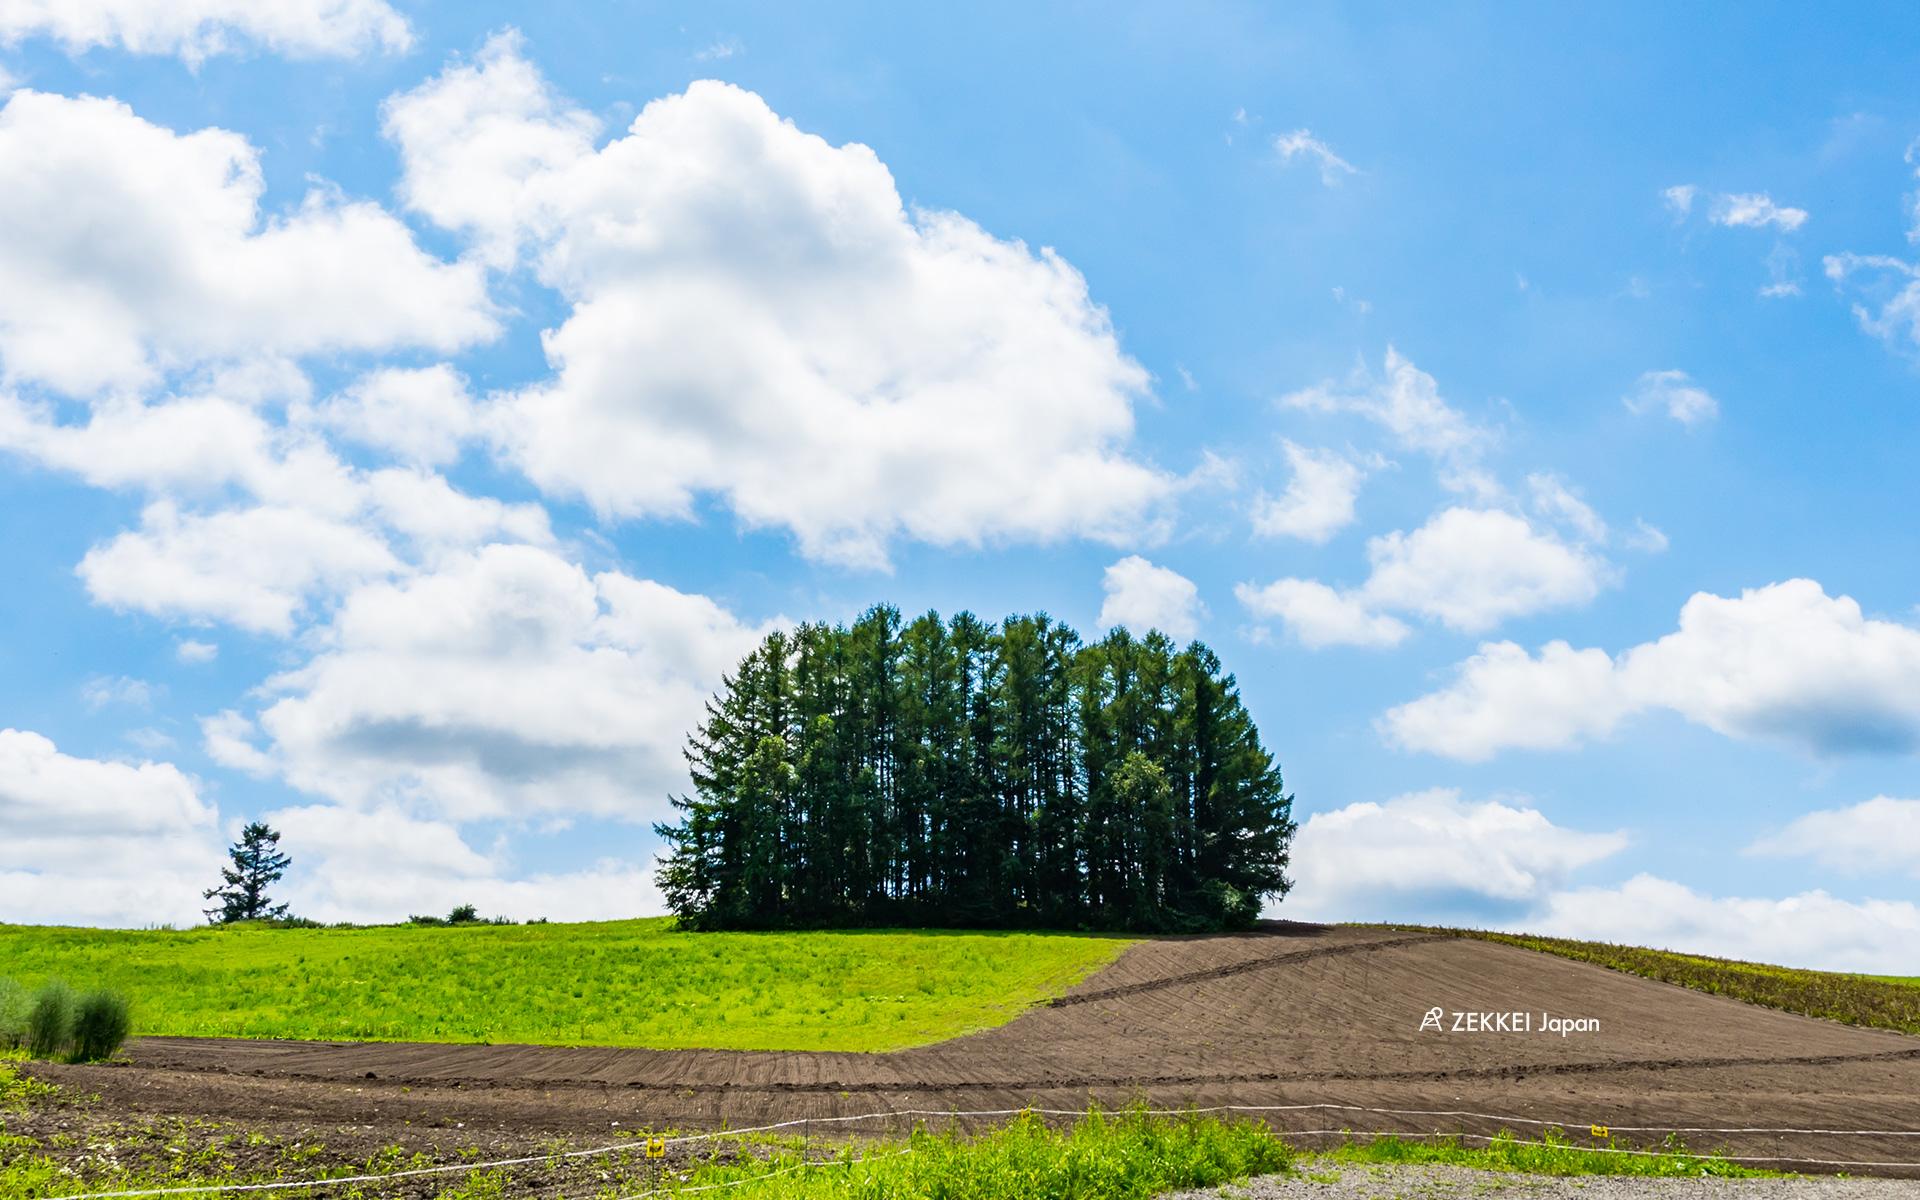 絶景壁紙 北海道 美瑛のなだらかな丘に立つ 木々 の壁紙 Zekkei Japan